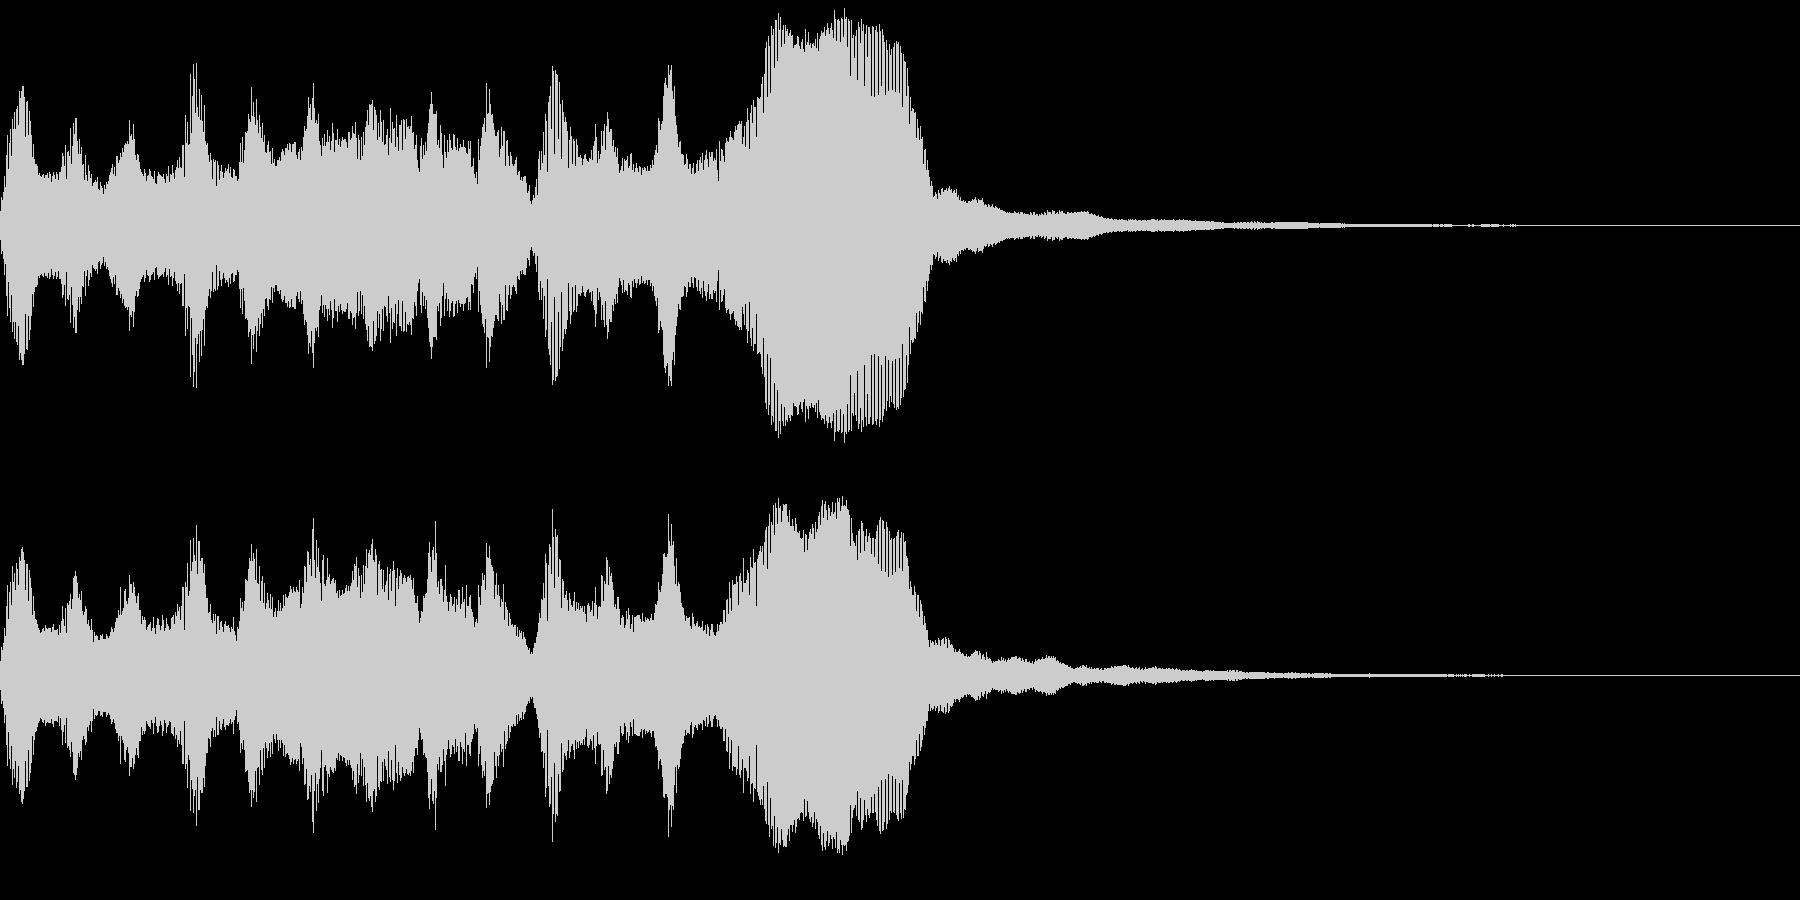 サウンドロゴ、ゴージャス感、verAの未再生の波形